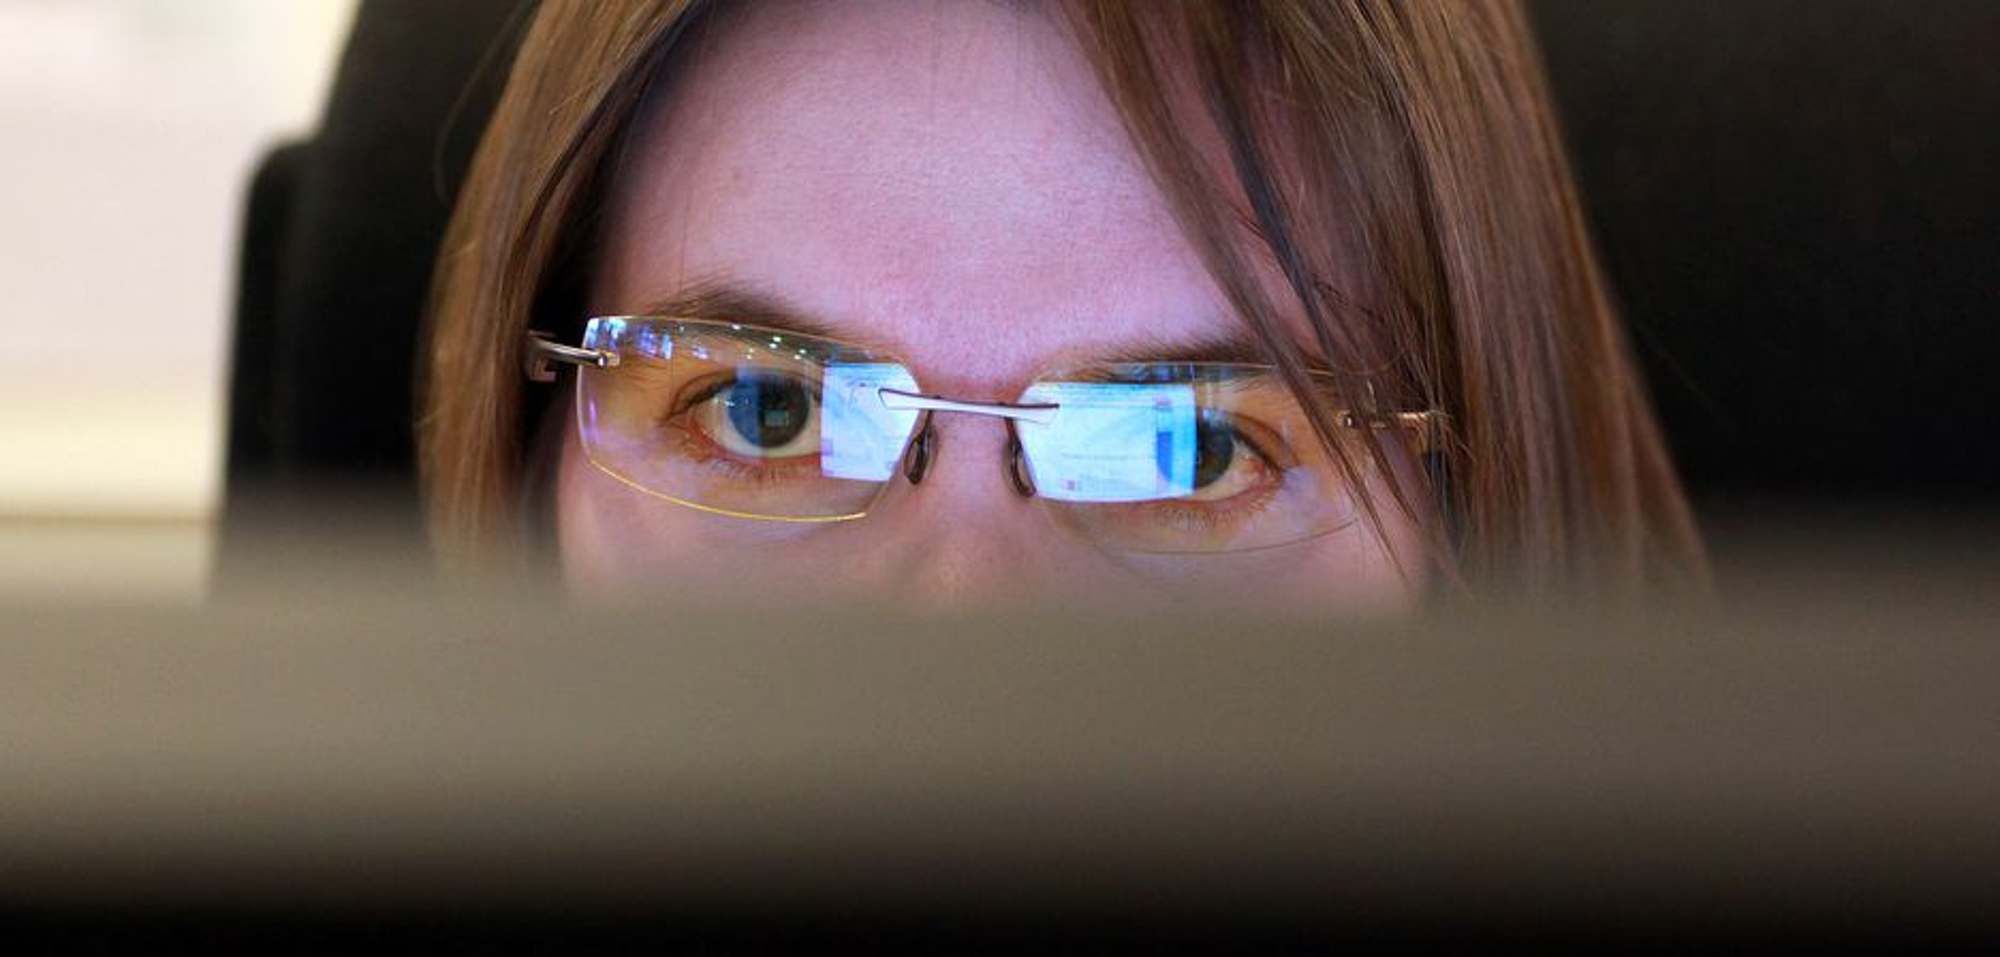 BESKYTTER: Ved hjelp av kurvede glass holder brillene klimaet rundt øynene fuktig, samtidig som glasset gjør det lettere å se skjermen fra ulike vinkler.